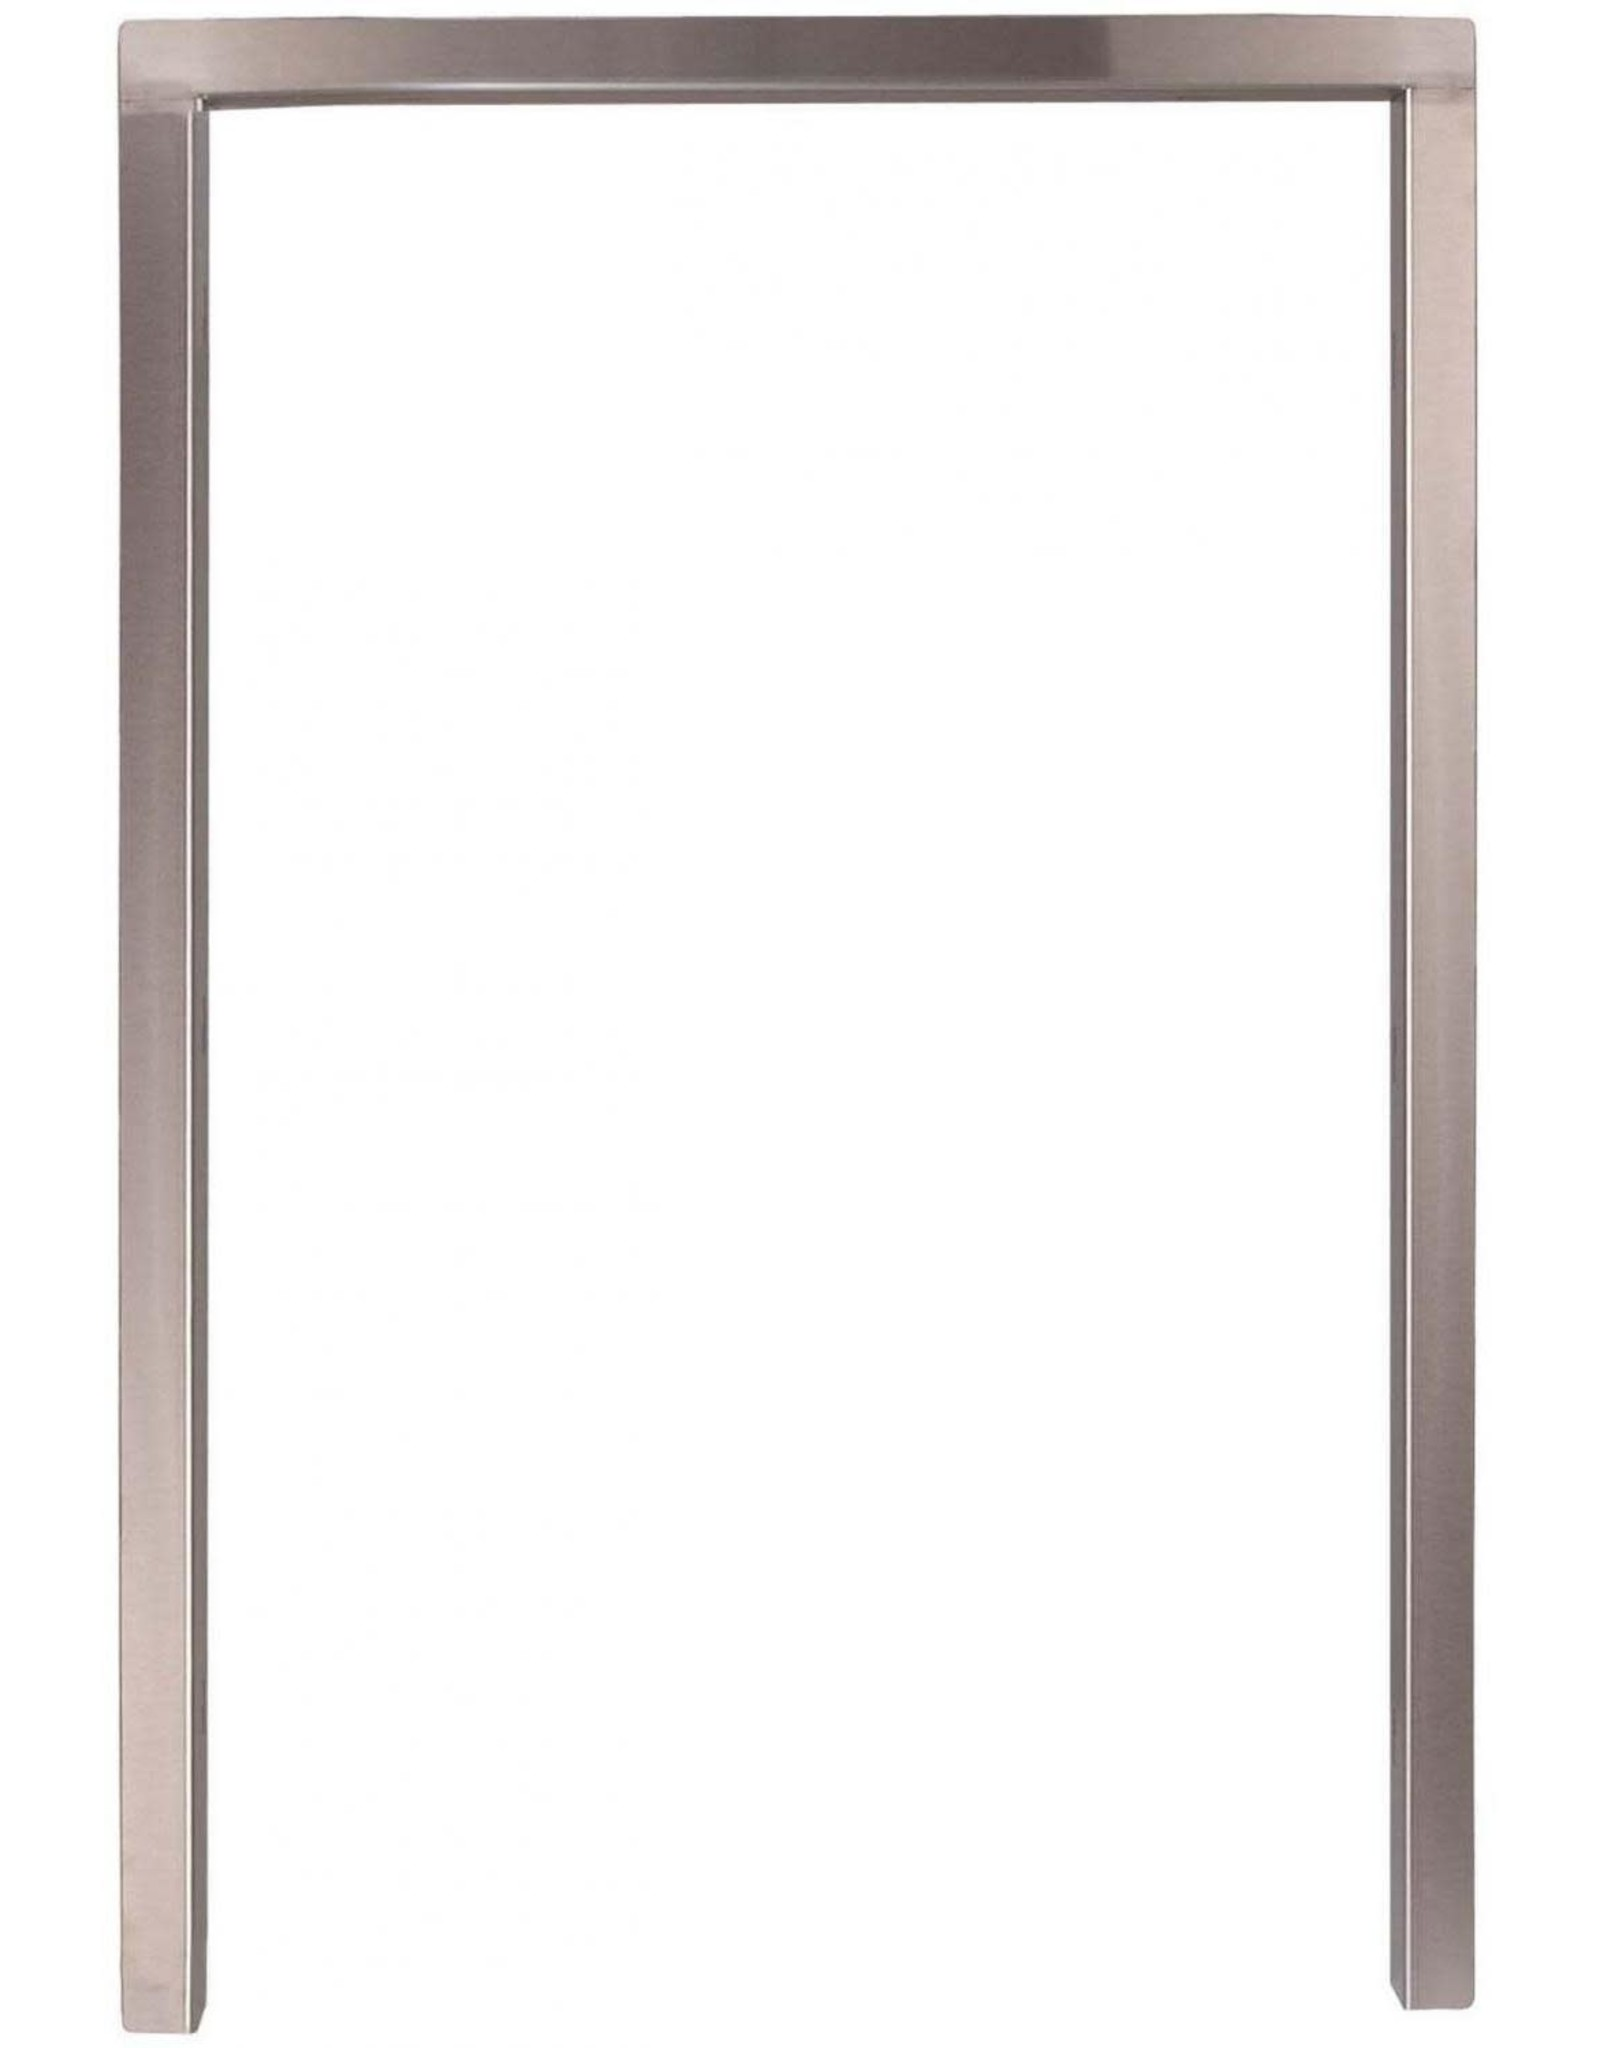 Blaze Outdoor Products Blaze - Stainless Trim Kit For Blaze 20-Inch 4.1/4.5 Cu. Ft. Refrigerators - BLZ-TRIMKIT-4.5